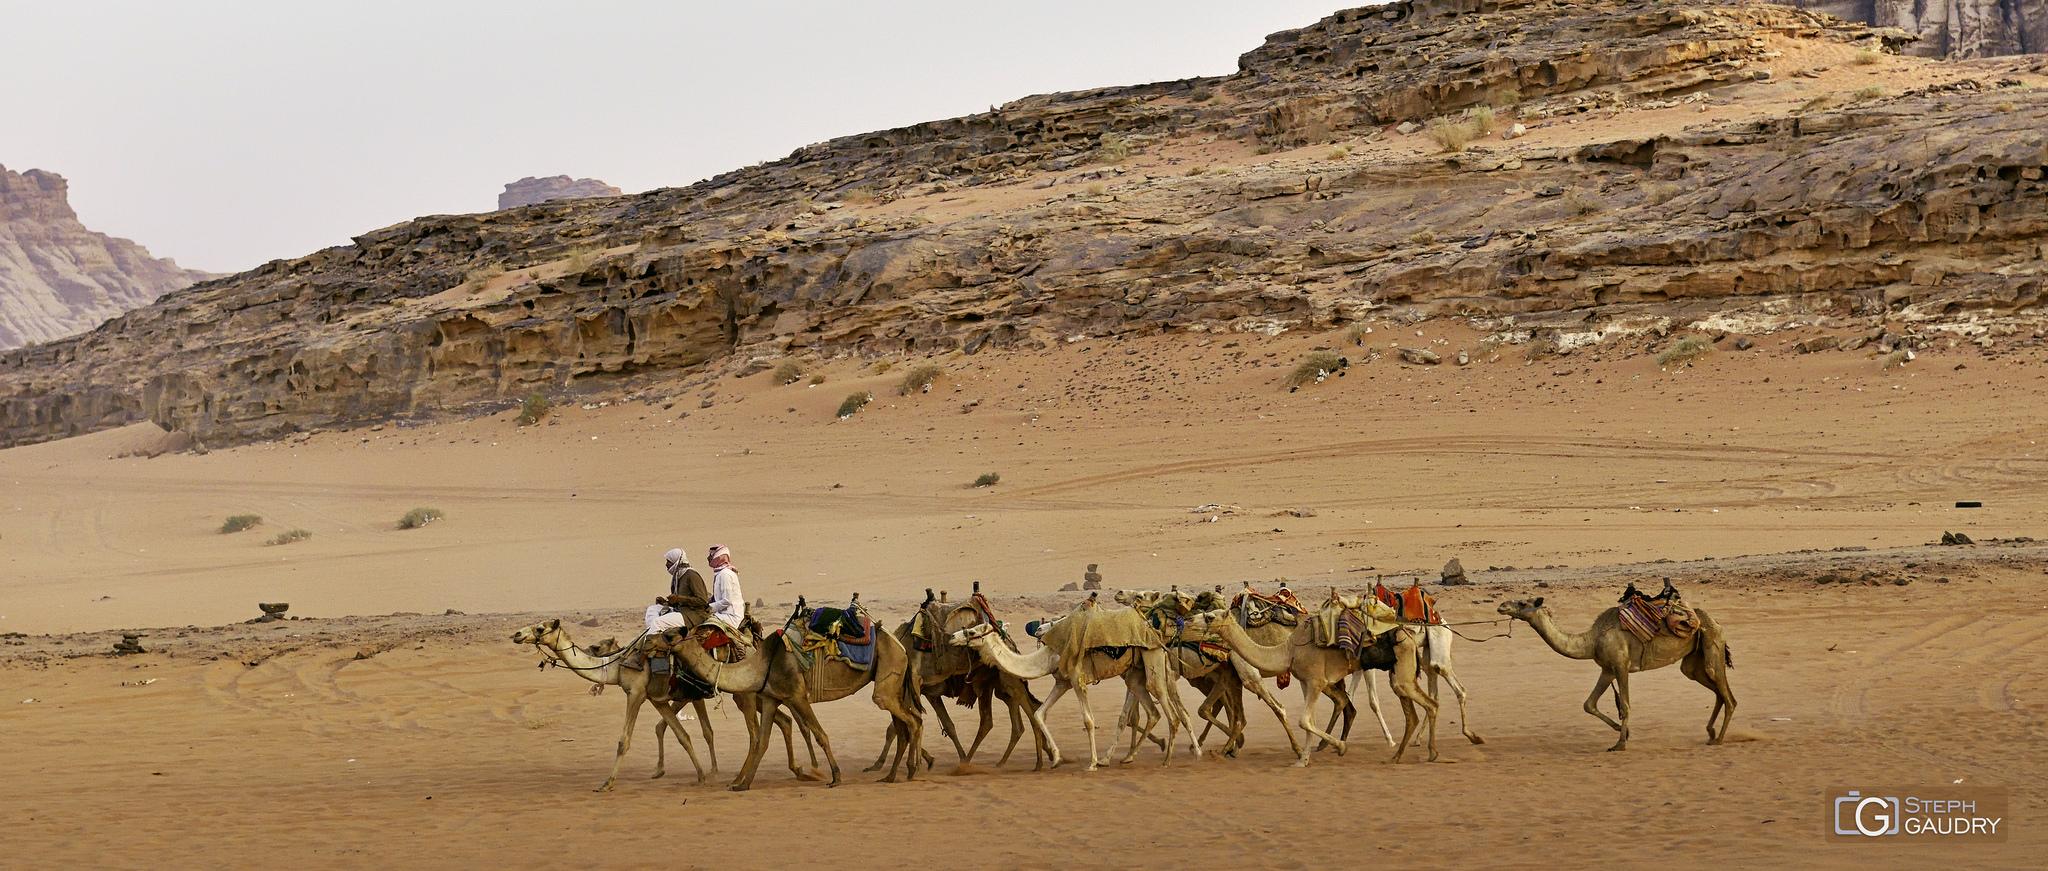 Marche en avant de toi-même, comme le chameau qui guide la caravane. [Cliquez pour lancer le diaporama]